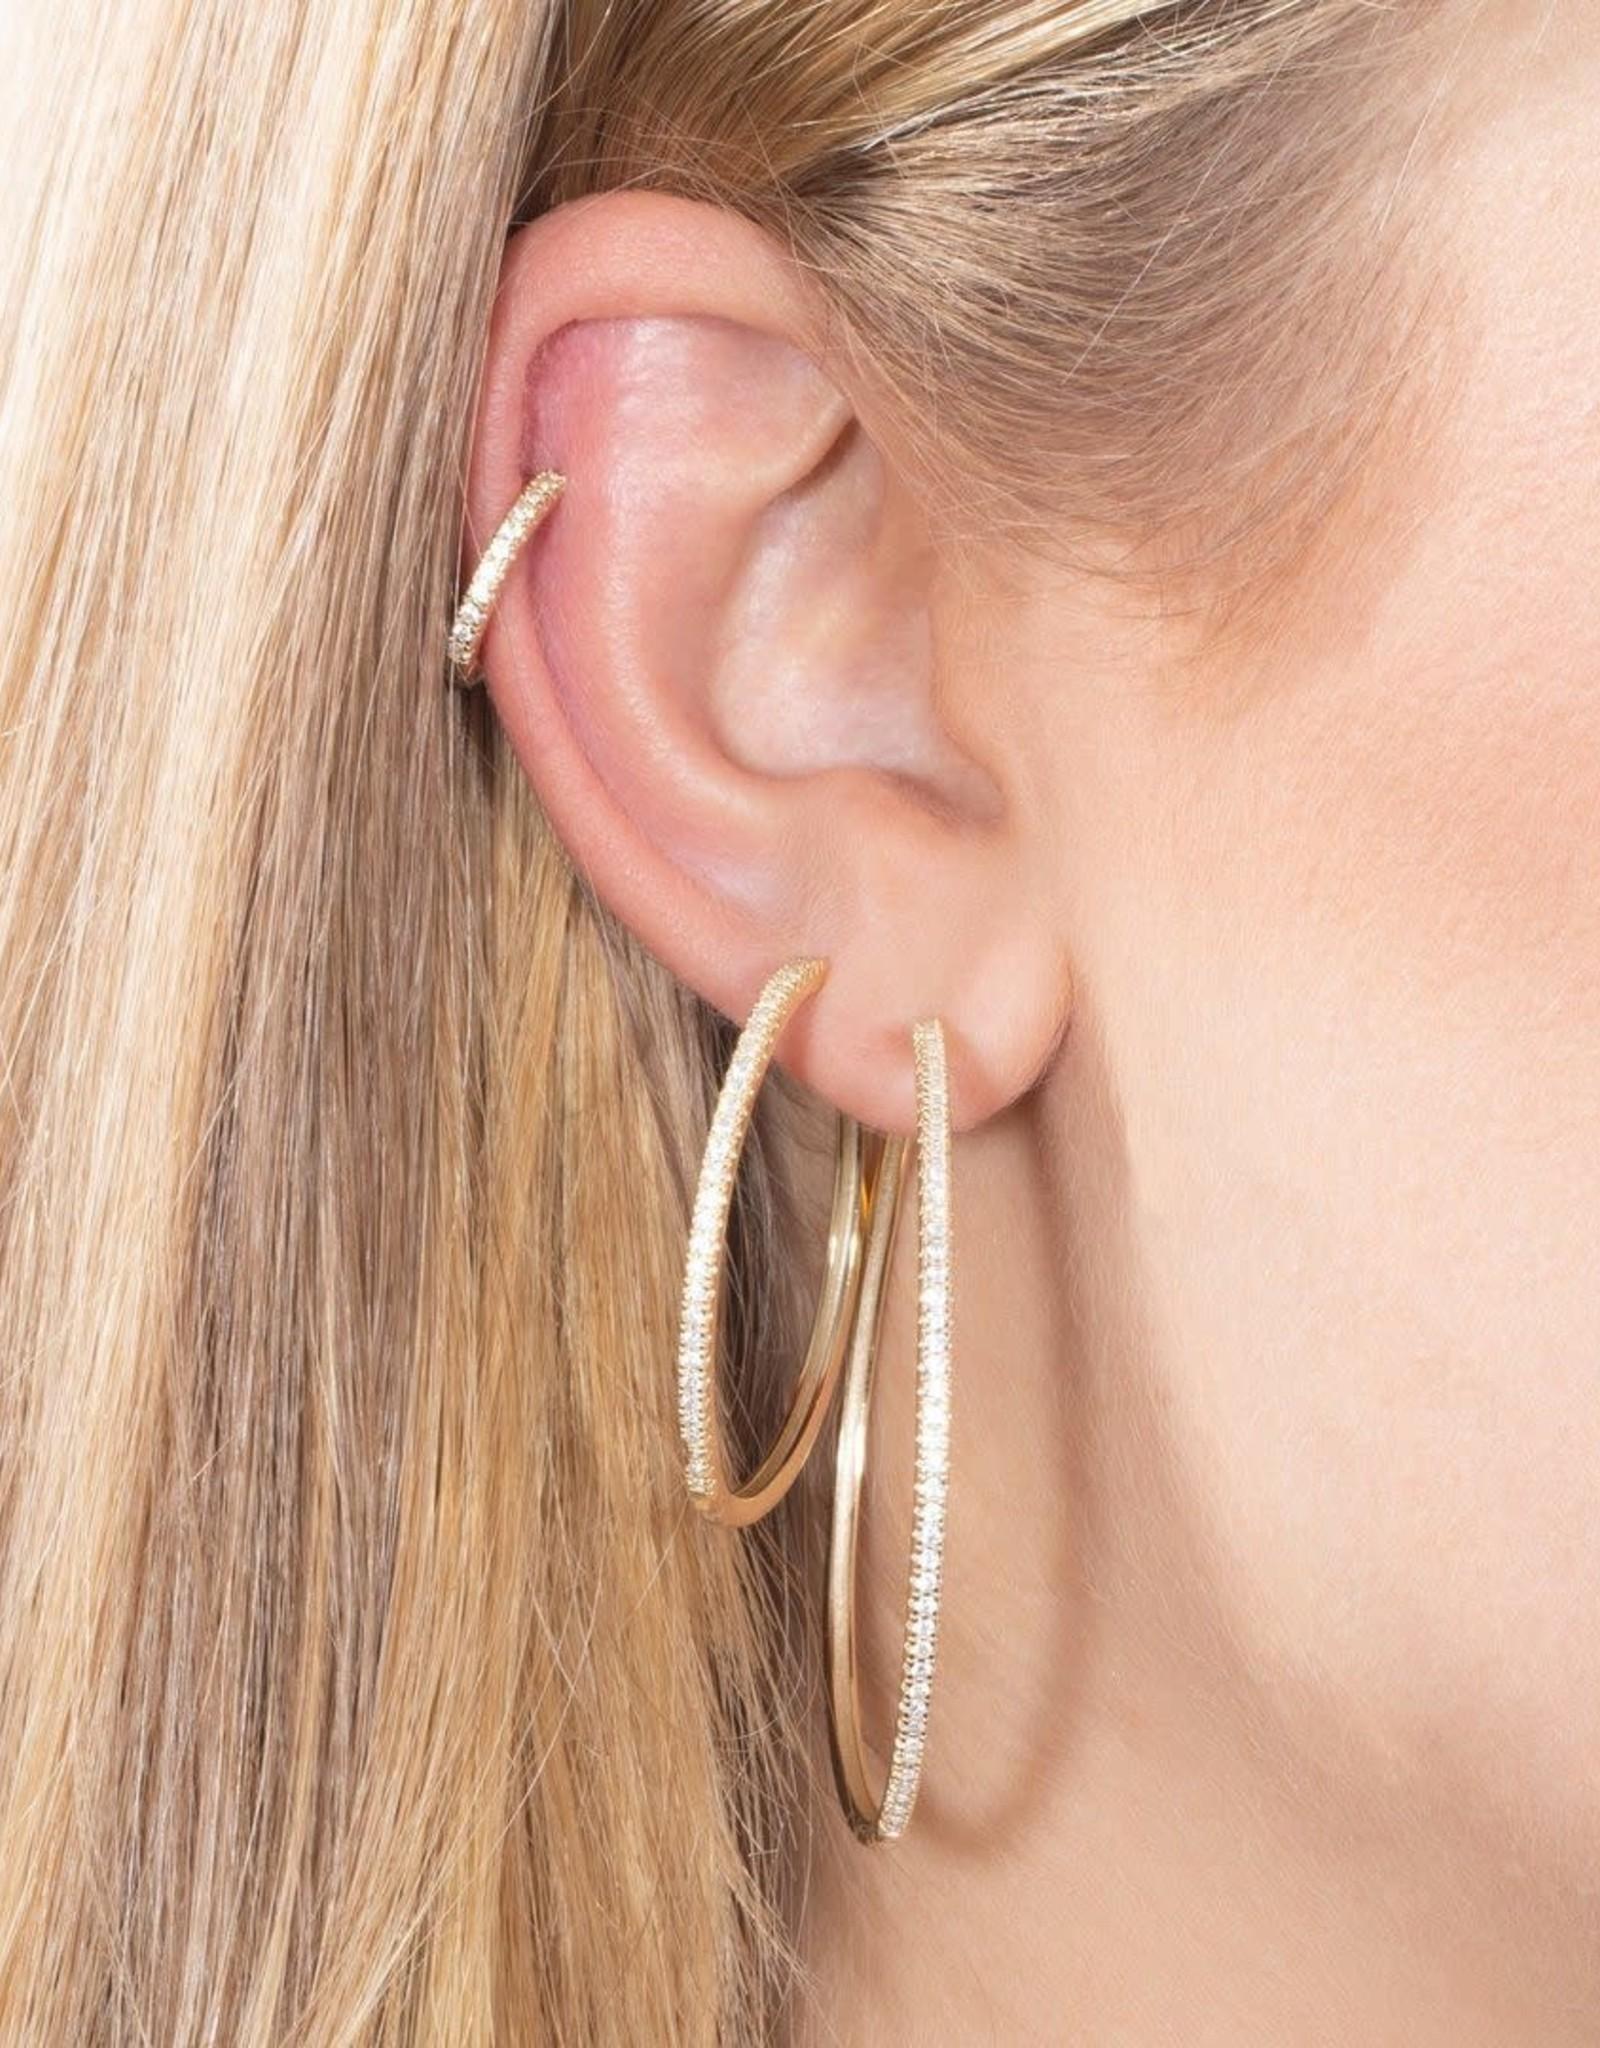 Adinas CZ Hoop Earring Combo 3 Set